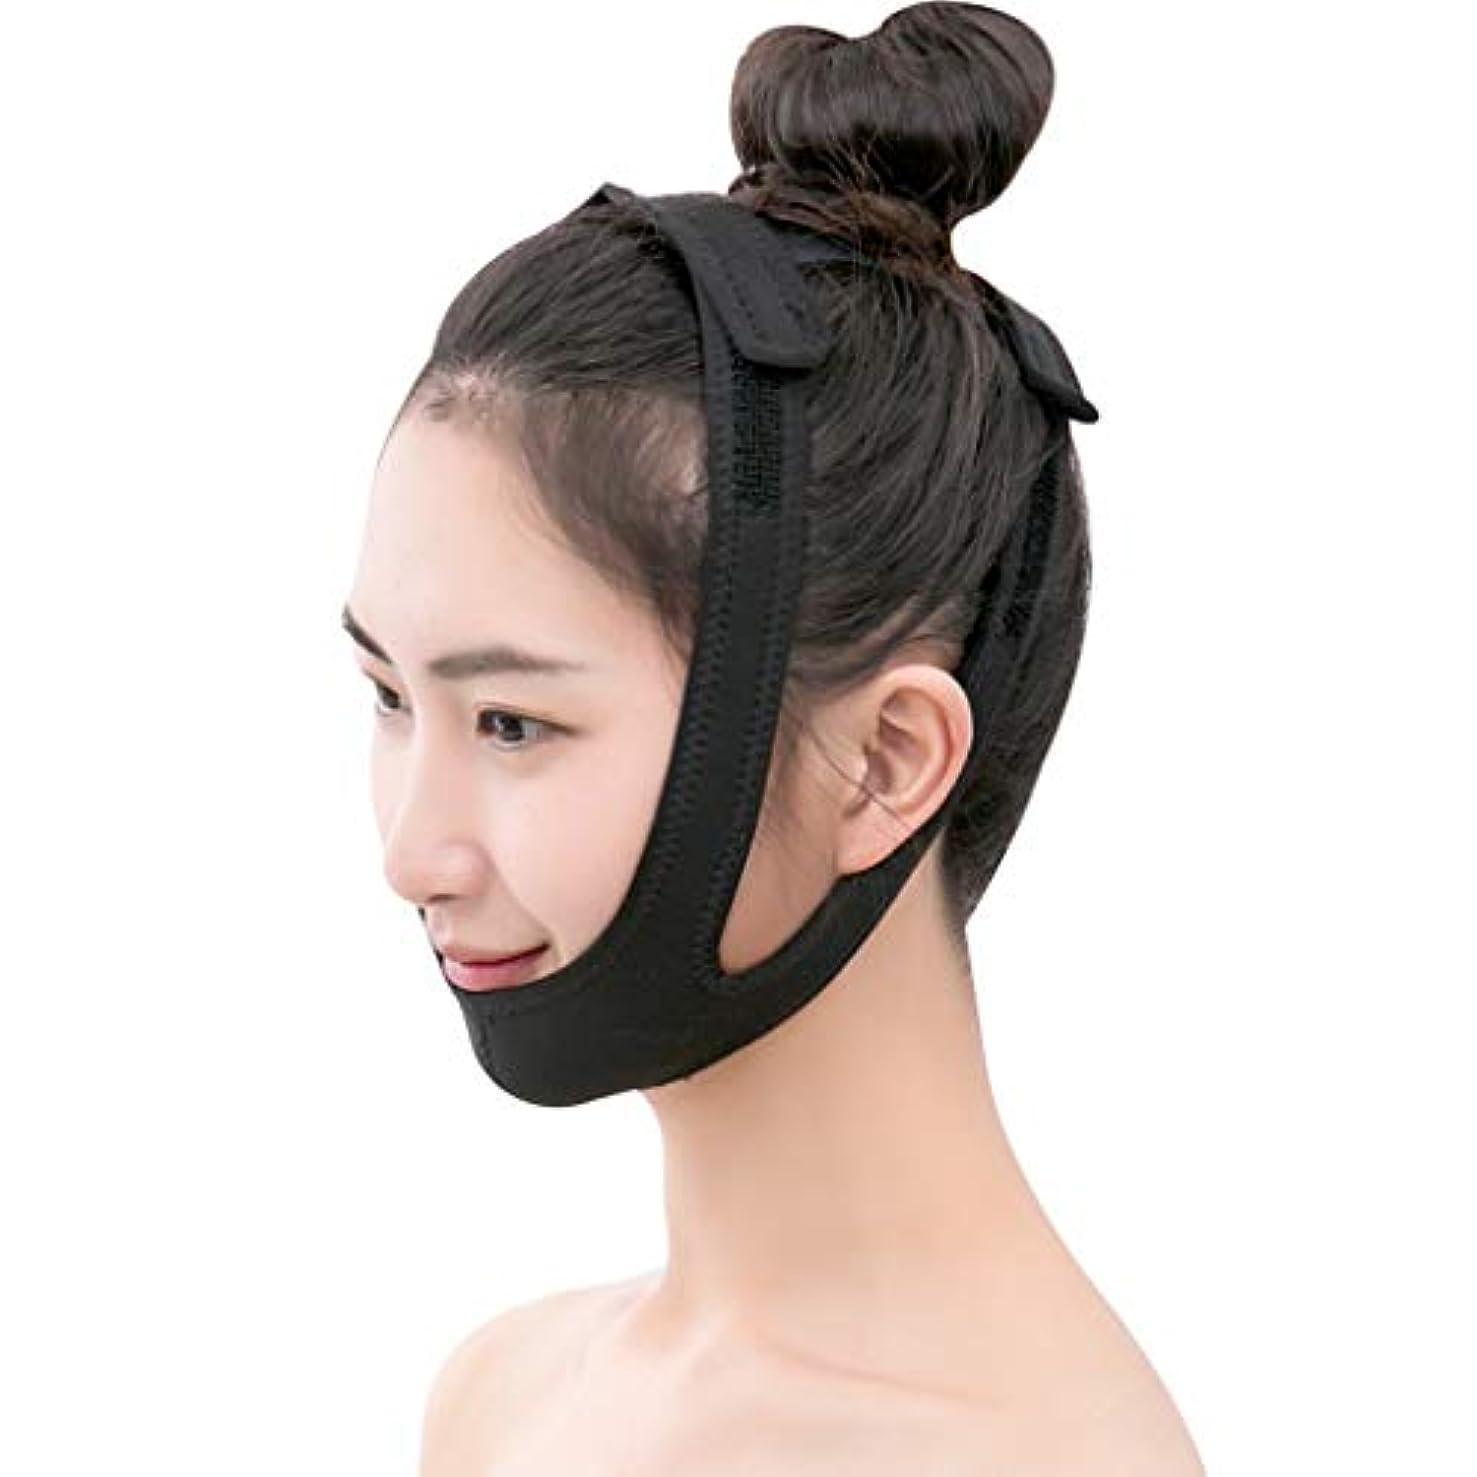 チャーミングまだ地震顔リフト手術回復ライン彫刻顔リフト顔のリフト v 顔睡眠マスク